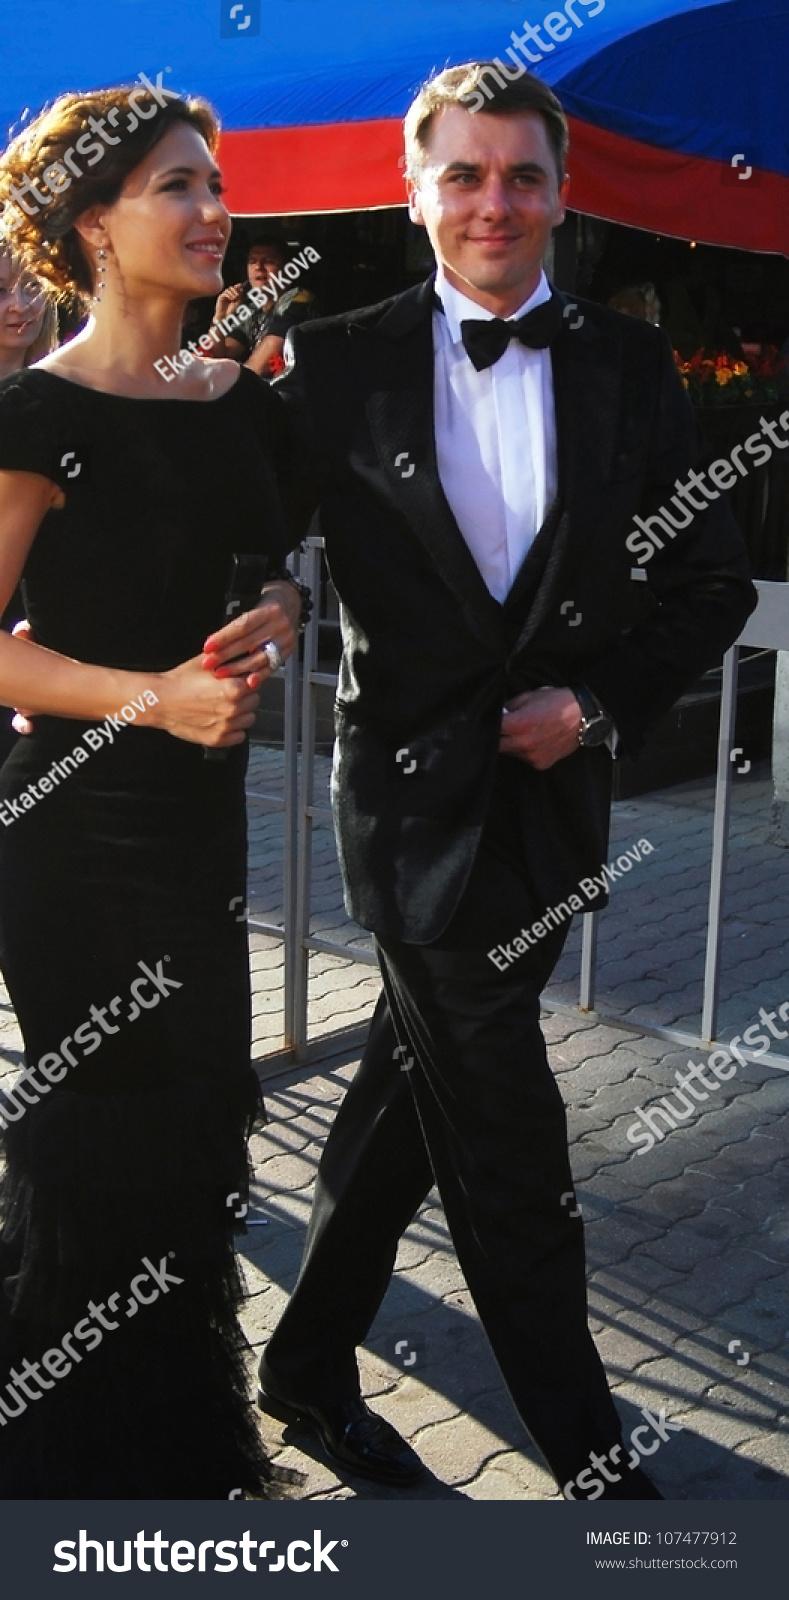 Actor Igor Petrenko quit drinking after a divorce 05/26/2014 38